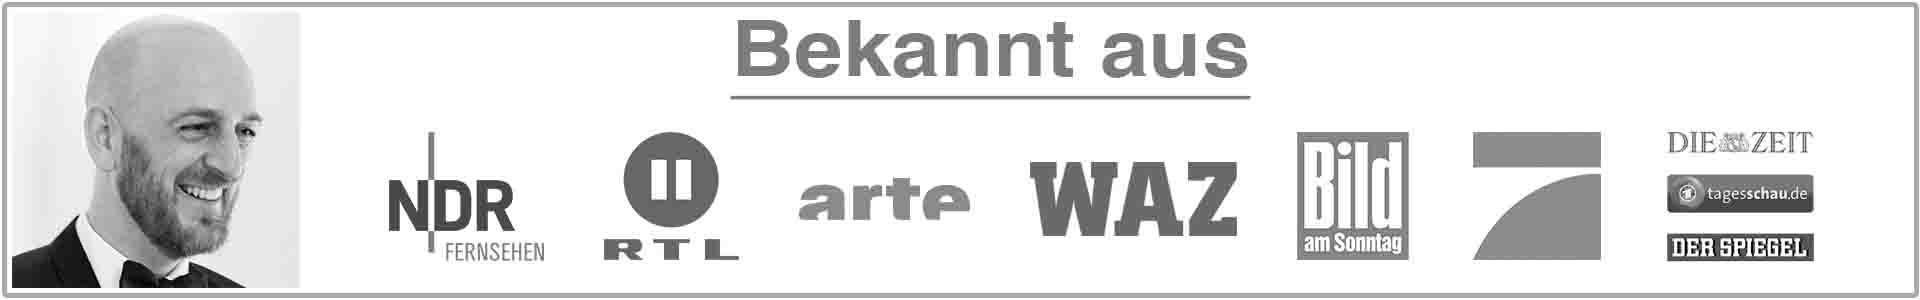 Presse Feedback zu Jan Omland